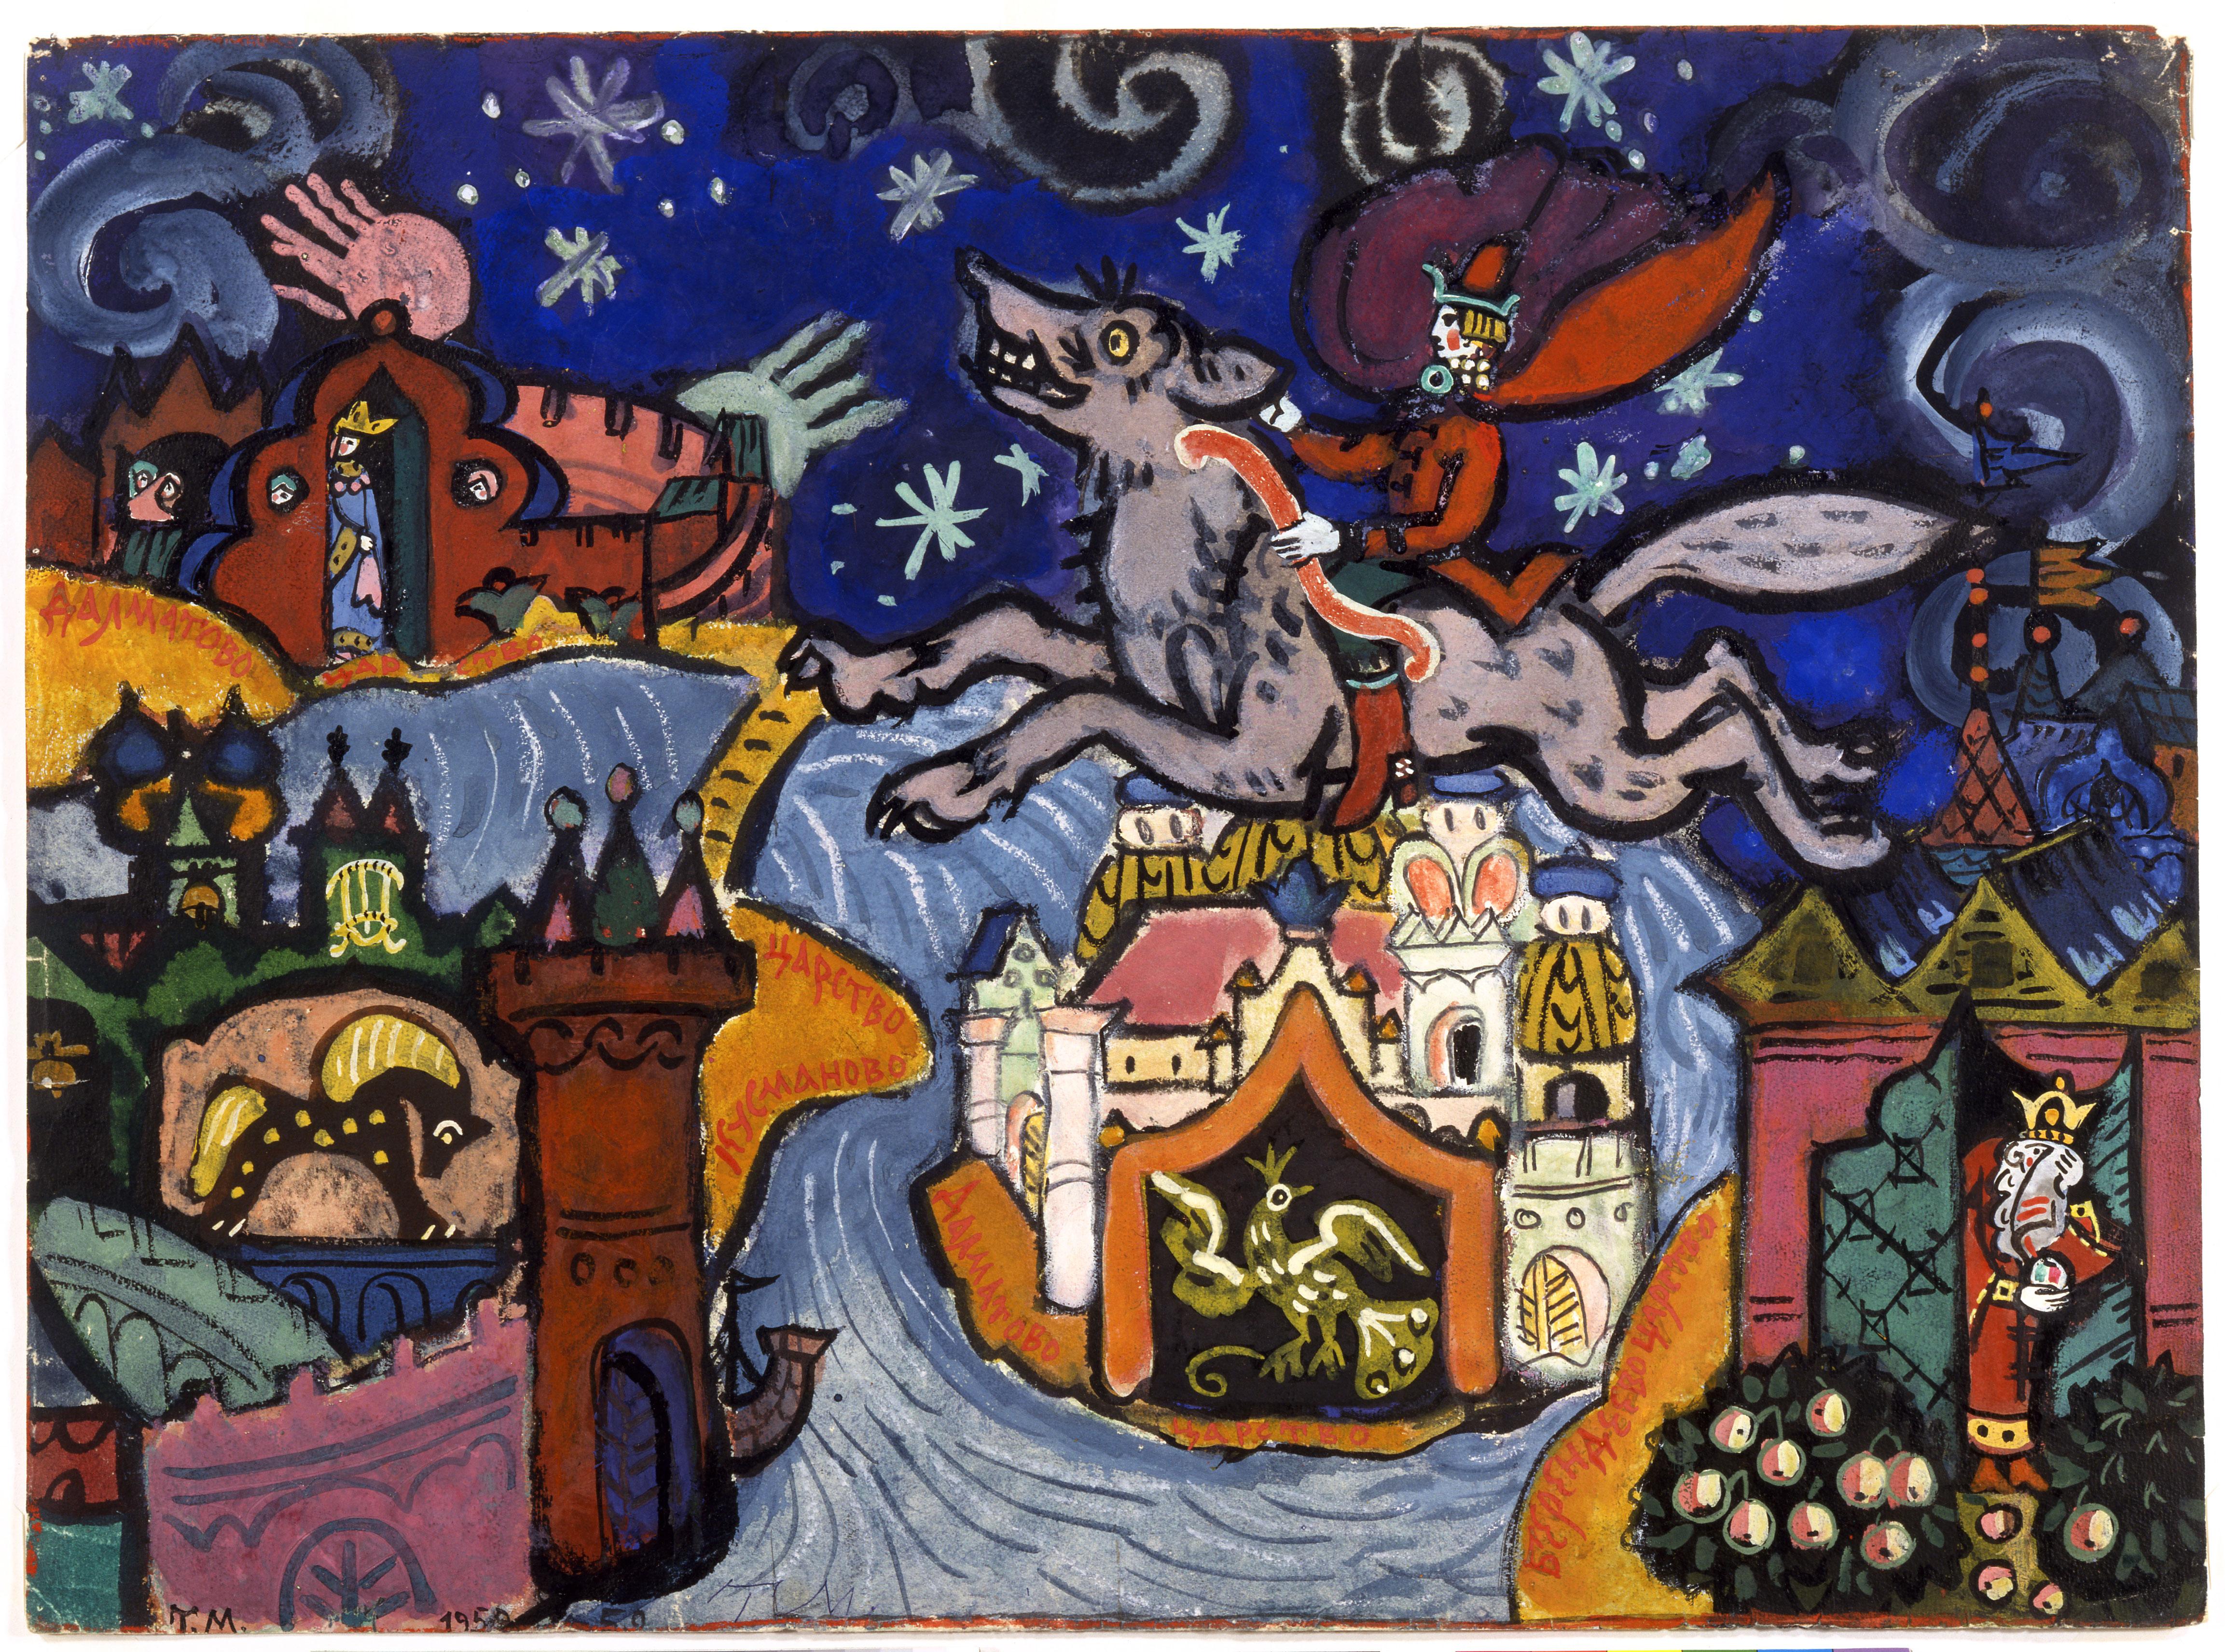 タチヤーナ・マーブリナ 「イワン王子とはいいろ狼」より 1950年